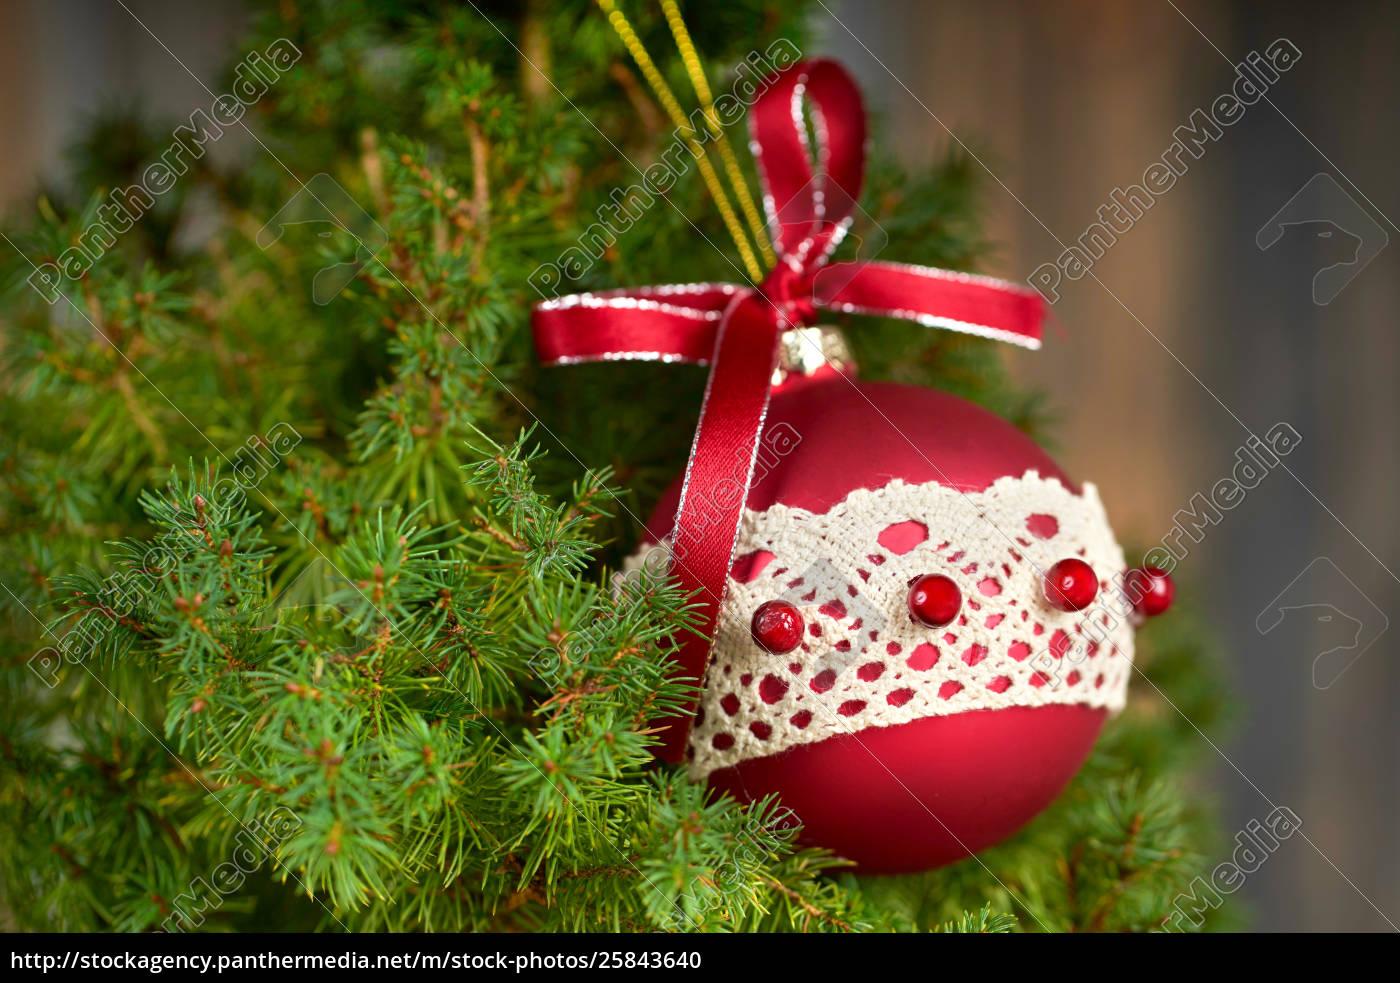 Dekoration Weihnachtsbaum.Lizenzfreies Foto 25843640 Roter Weihnachtsball Auf Weihnachtsbaum Dekoration Auf